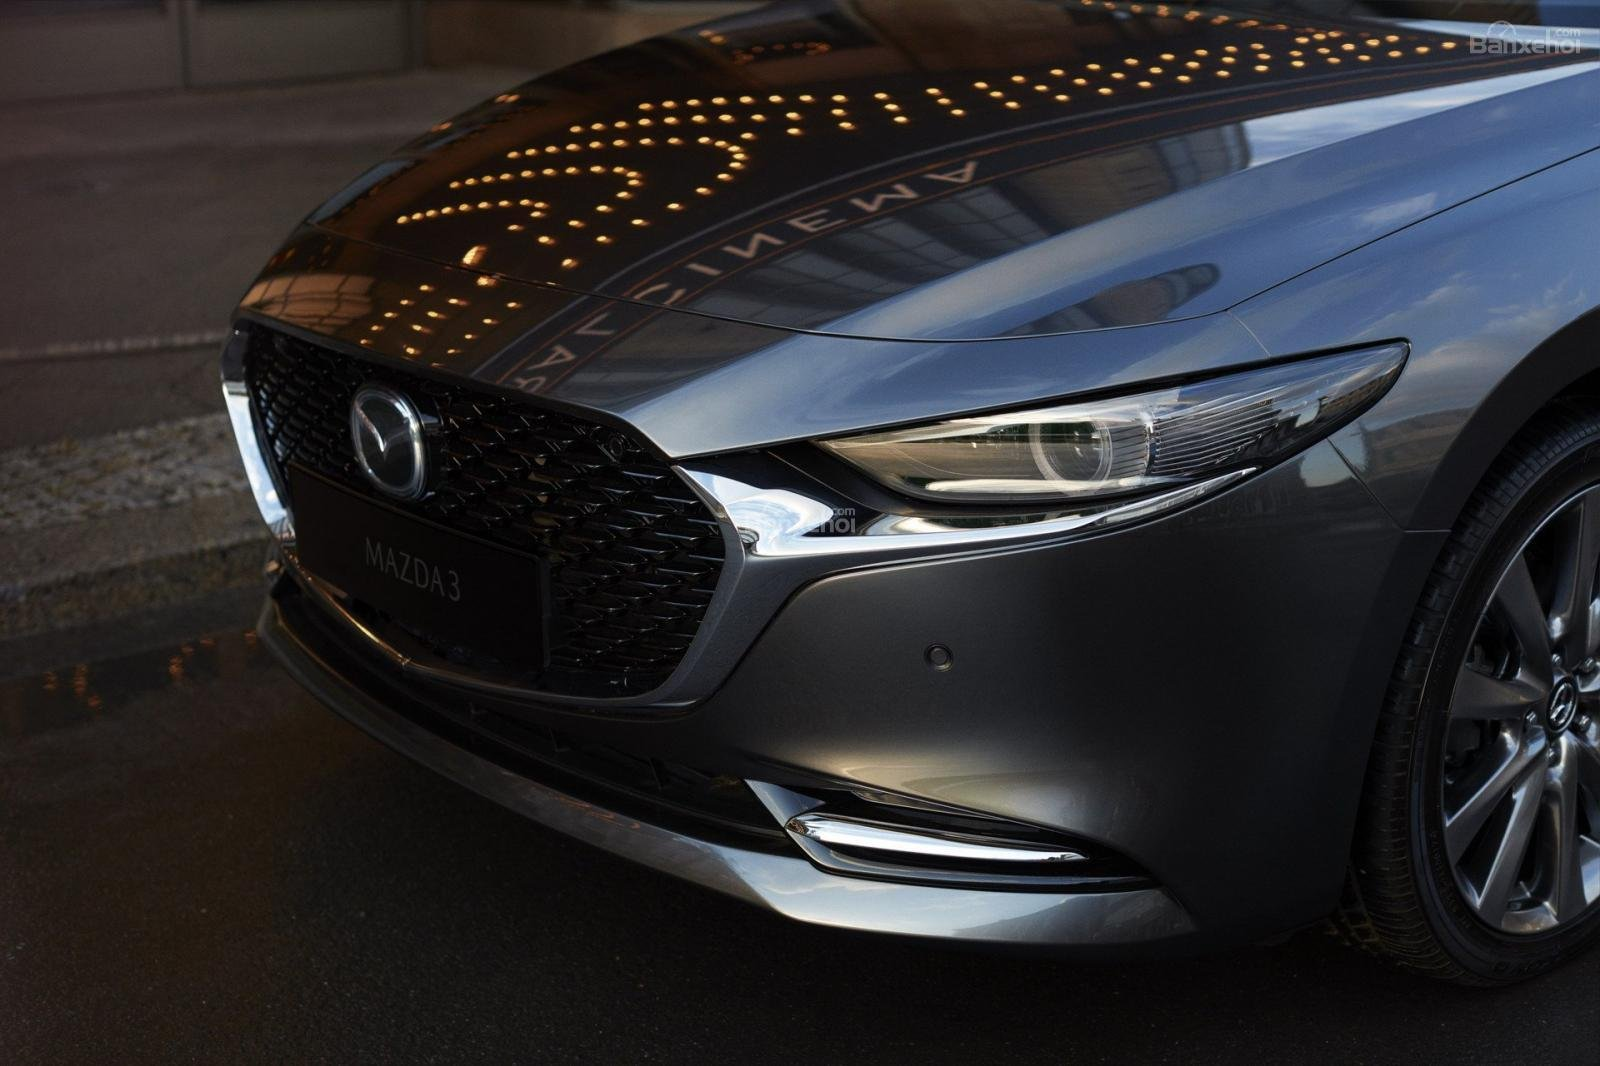 Xem ảnh Mazda 3 2019 thế hệ mới vừa ra mắt, chờ ngày về Việt Nam a71